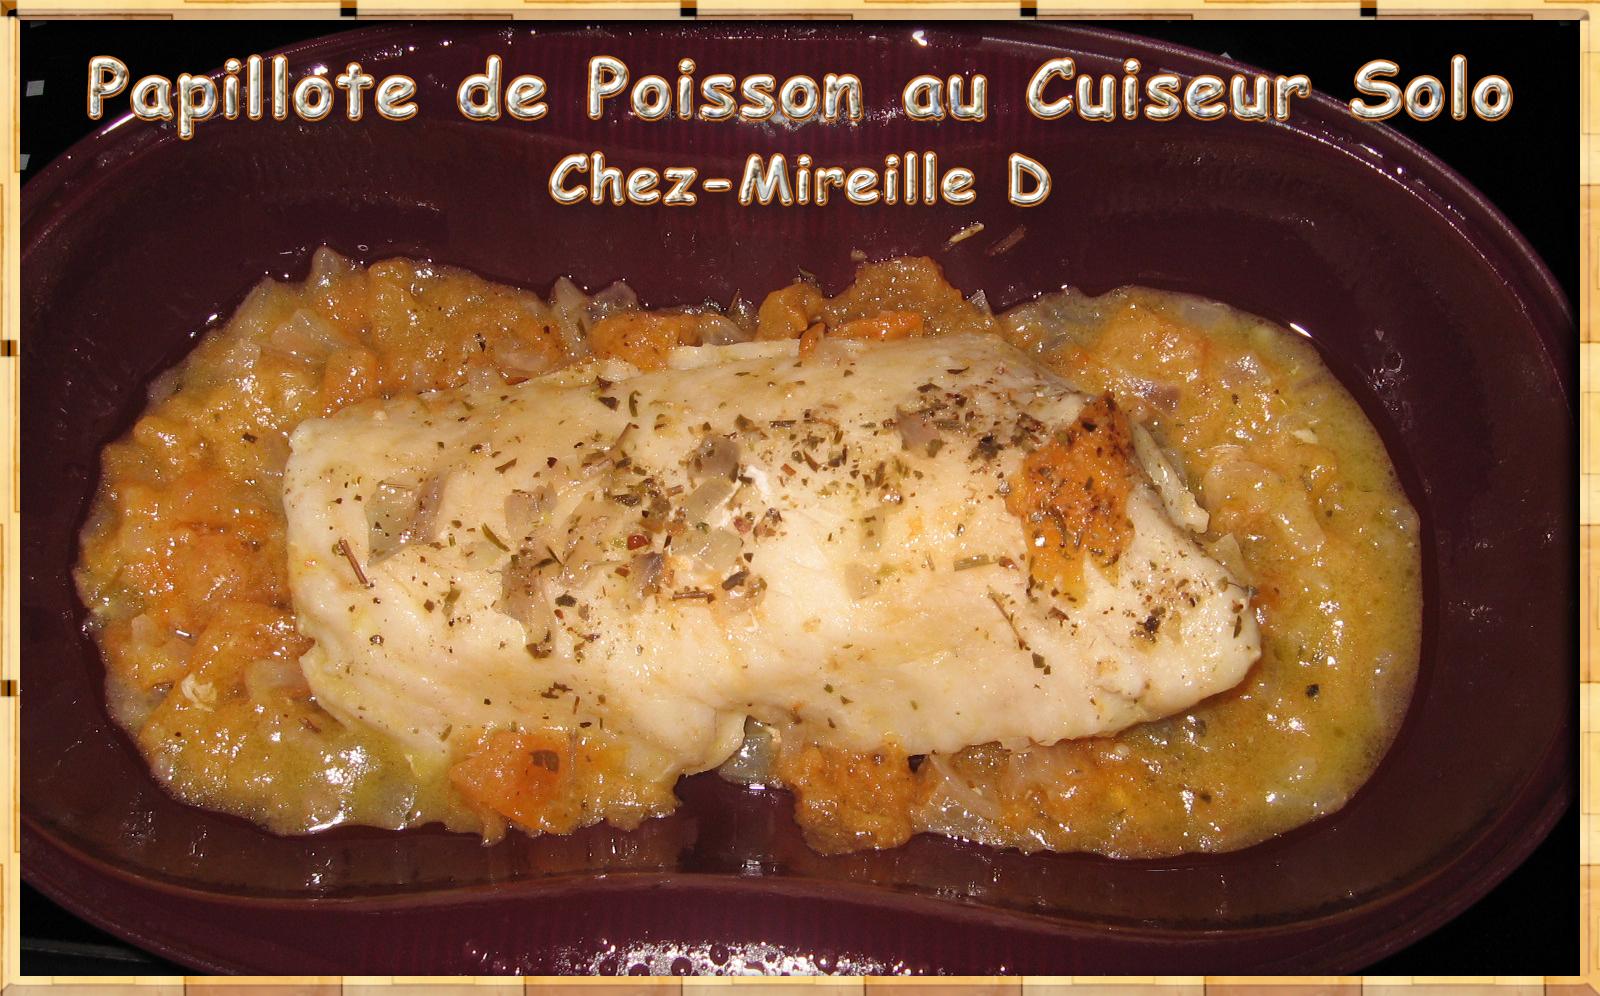 Exceptionnel Papillote de Cabillaud au Cuiseur Solo Tupperware - Chez-Mireille D HT91